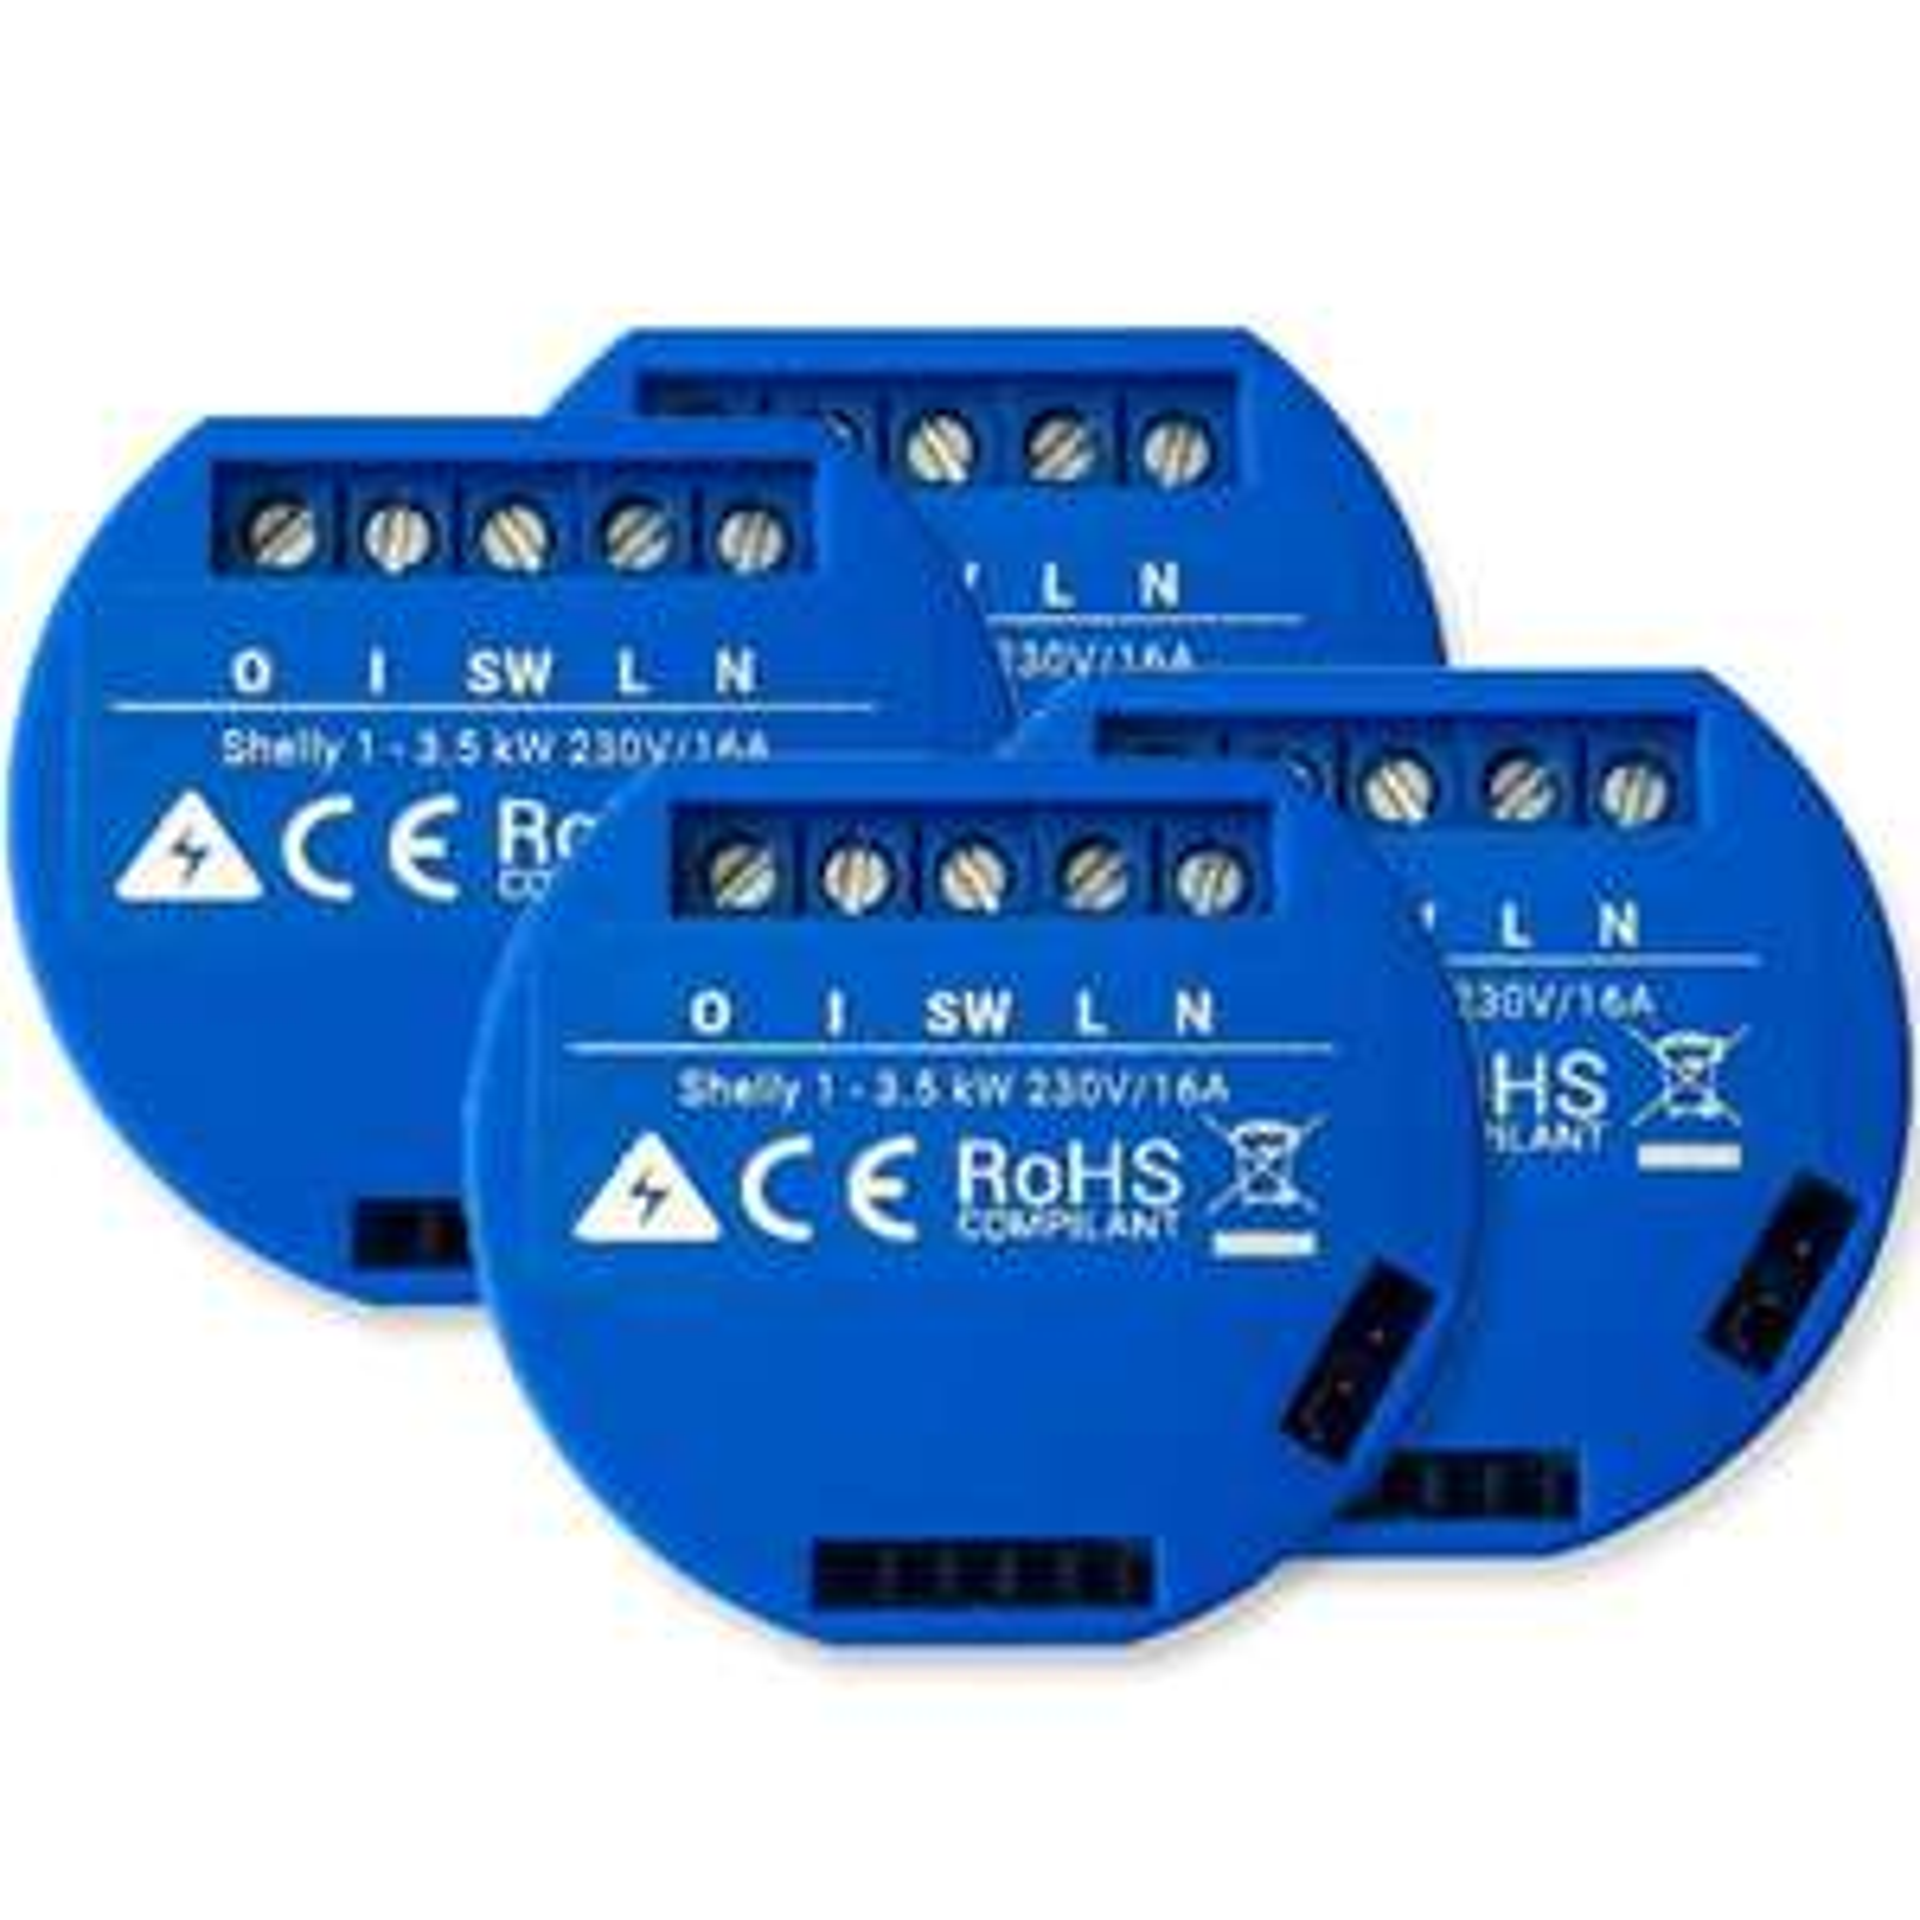 [Sofortüberweisung] 4er Bundle: Shelly 1 WiFi Schaltaktor (Zeitsteuerung, Sprachsteuerung, für Unterputzdosen)